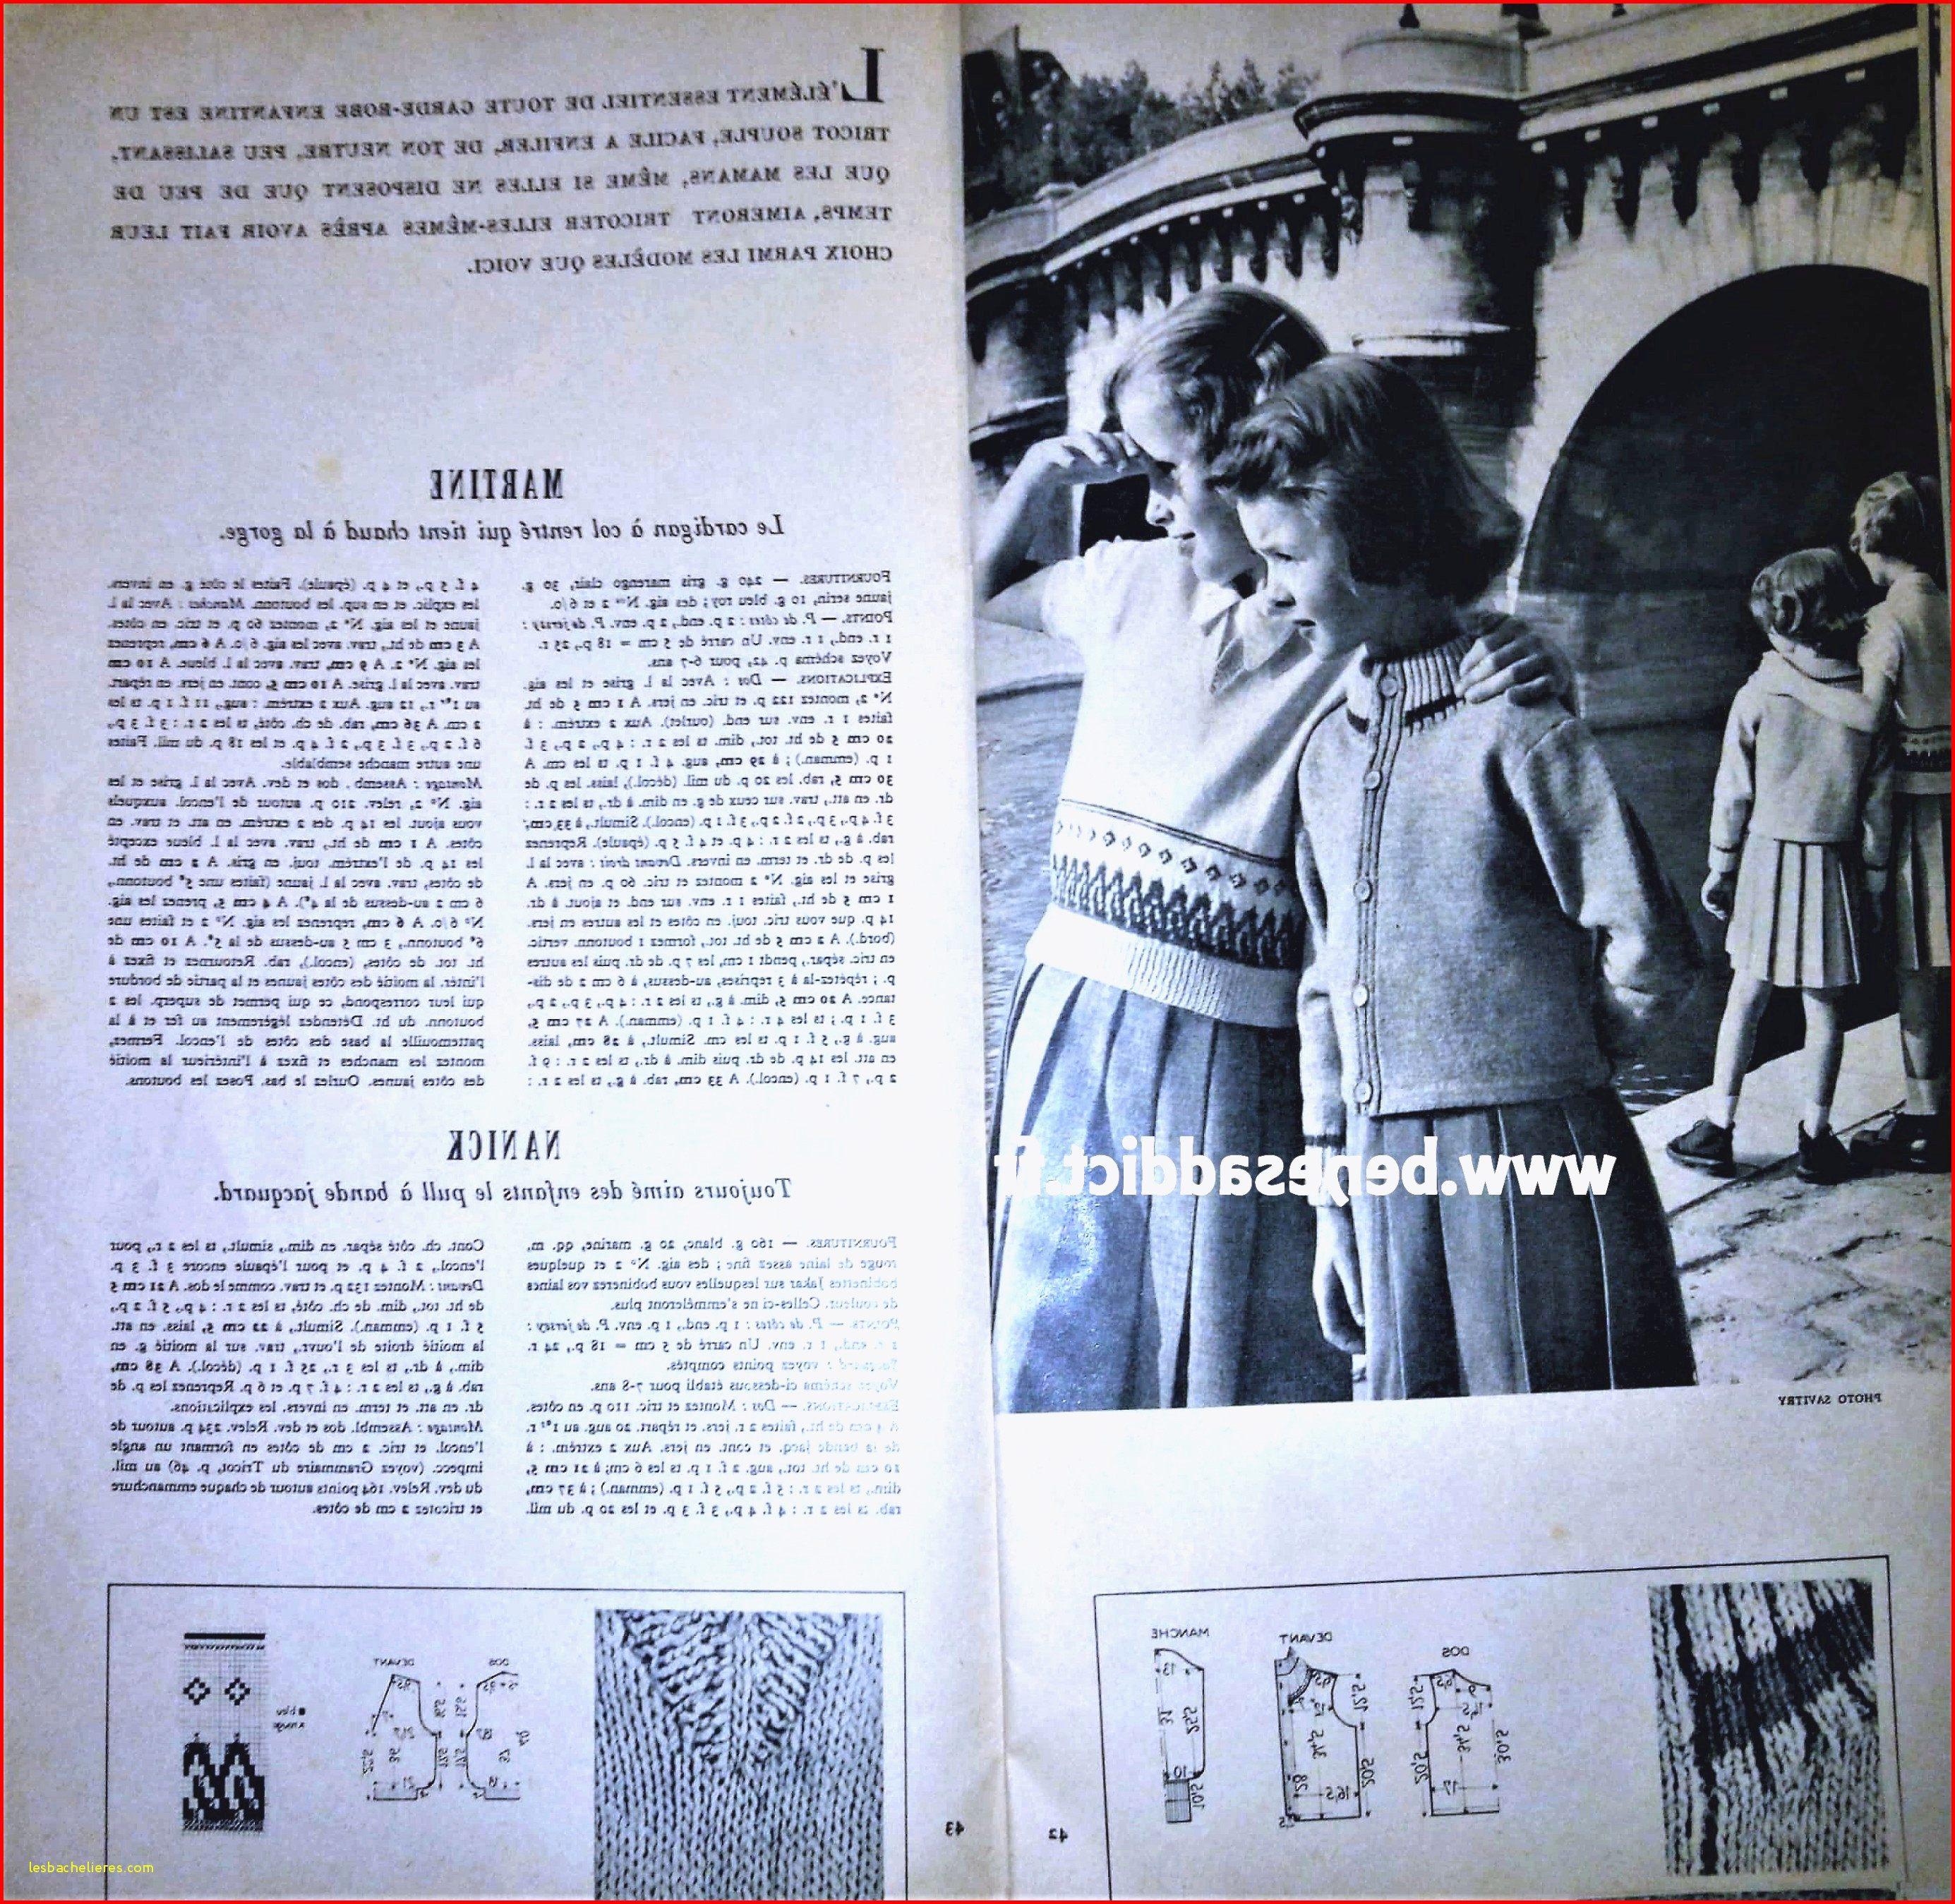 Armoire Lit Pas Cher Belle Lits Superposés Séparables Inspirational Other Mr H L Bassett Rail